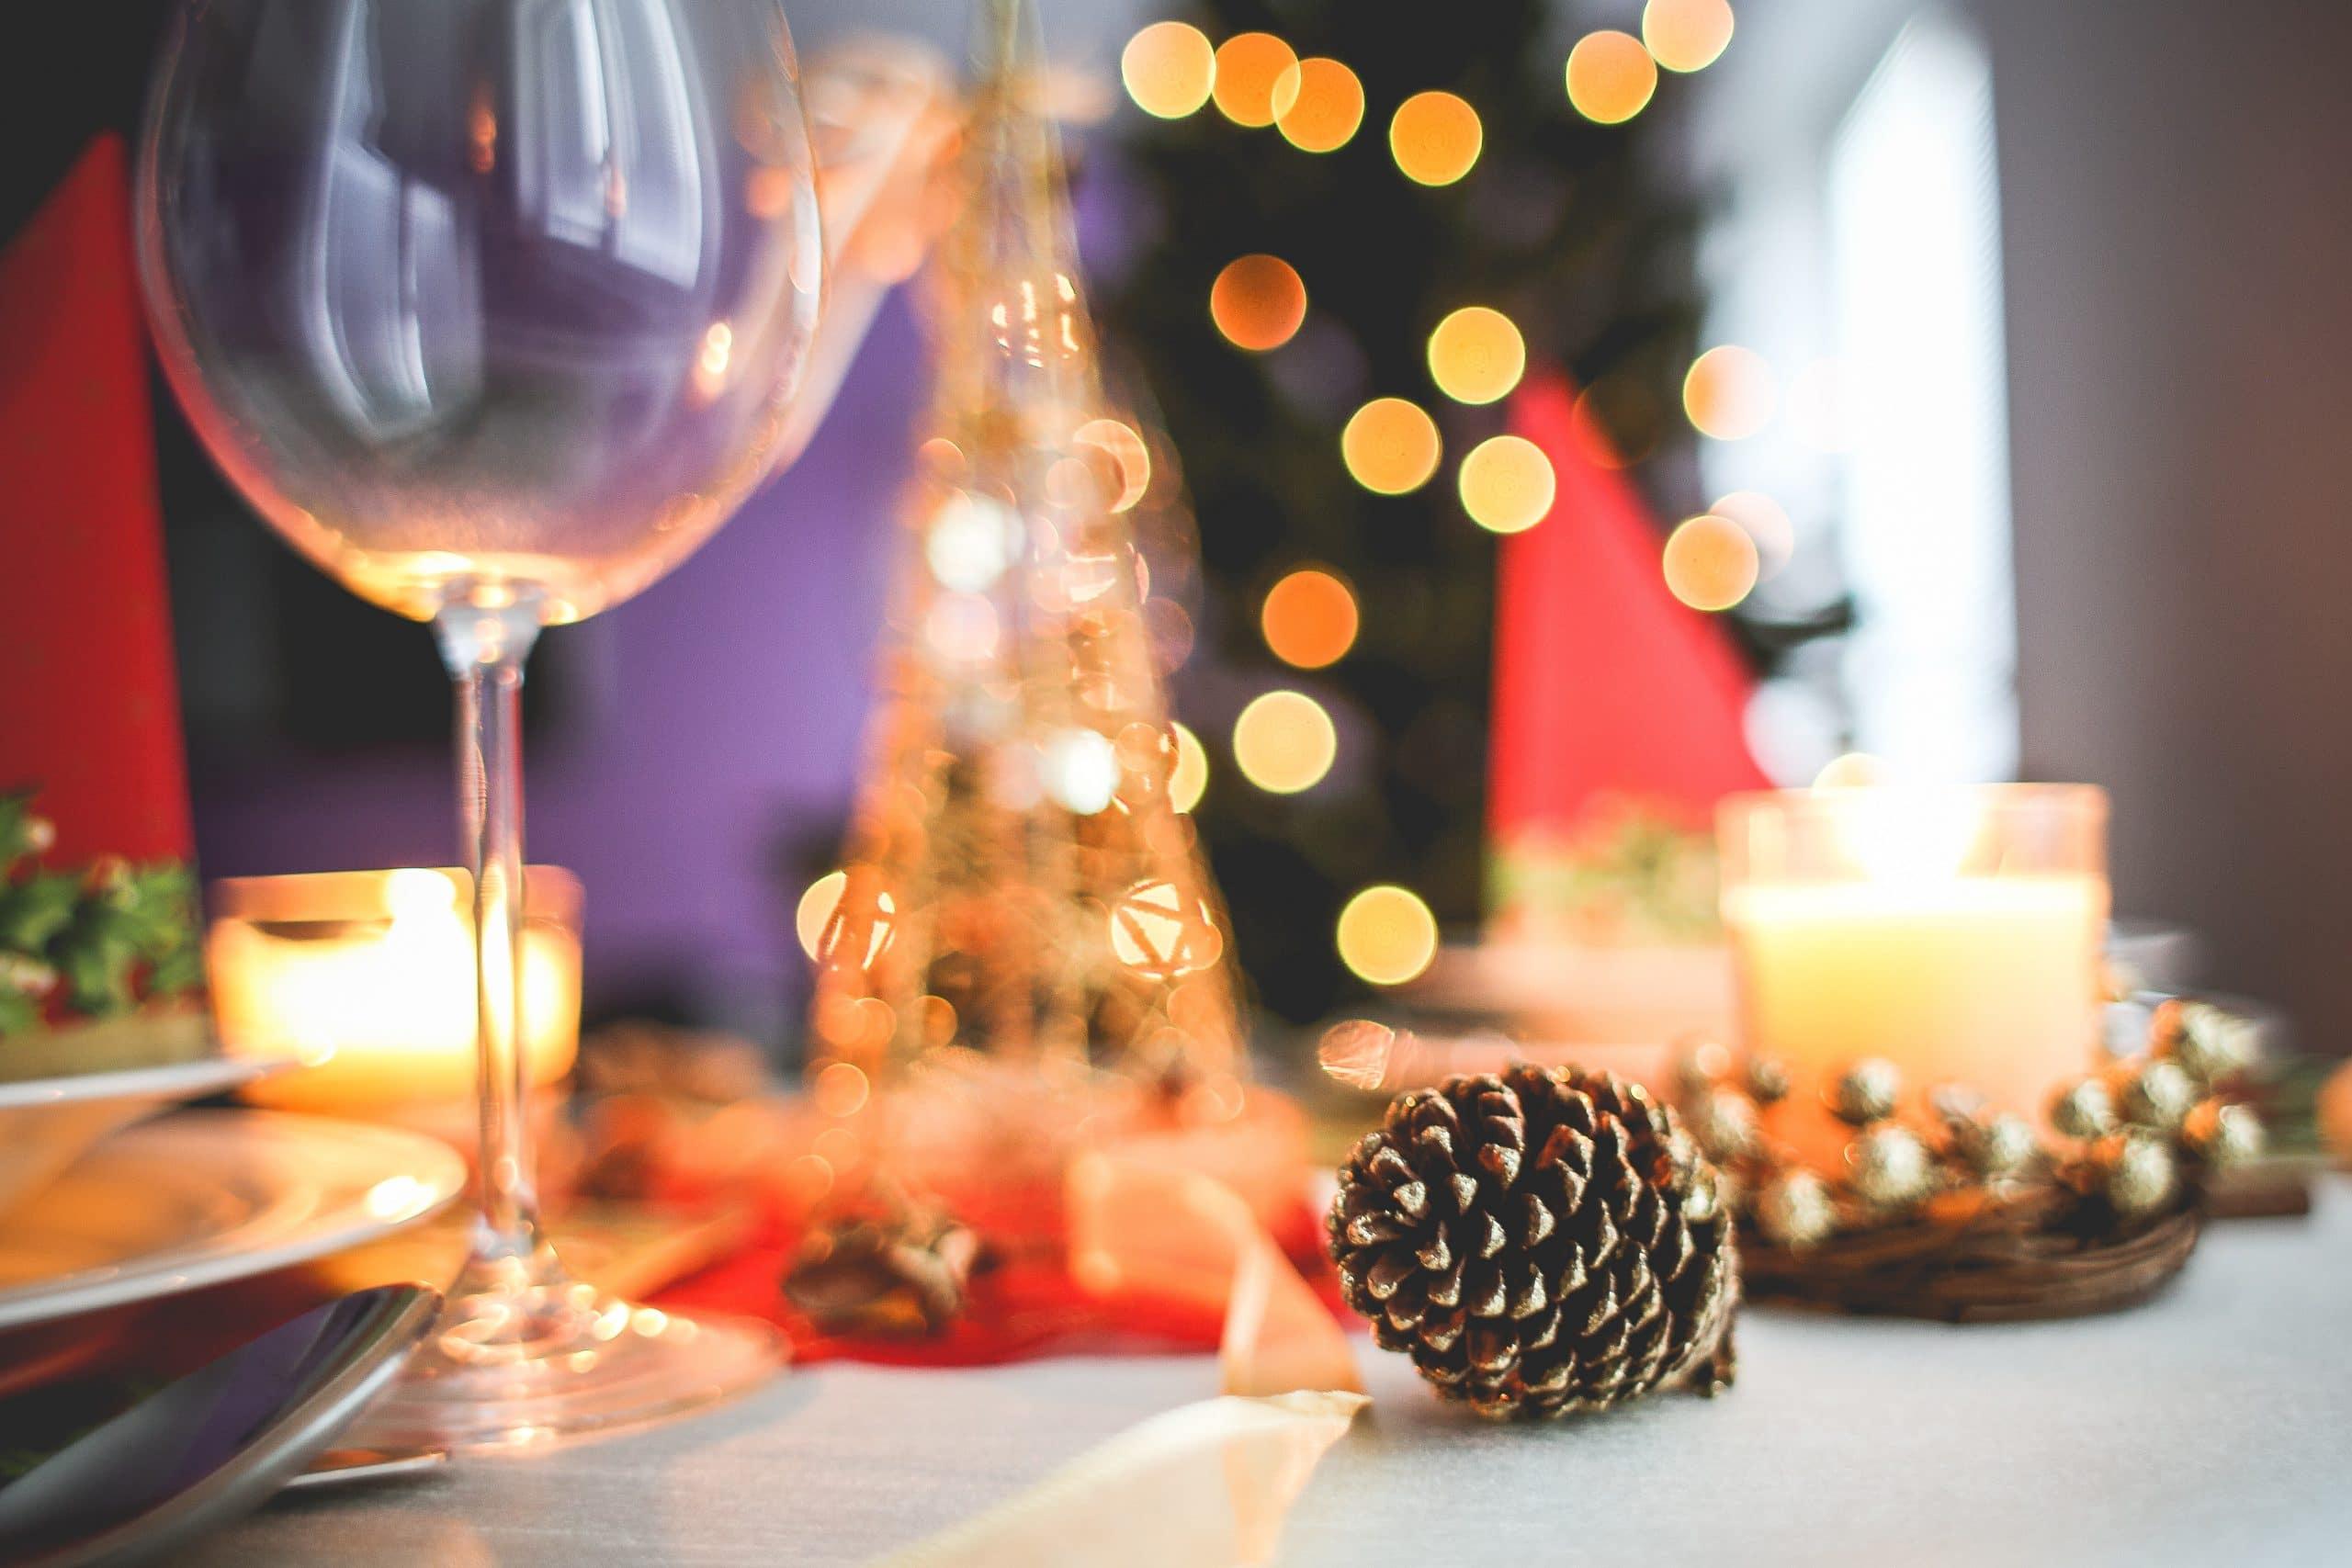 Mesa com taça e decoração natalina